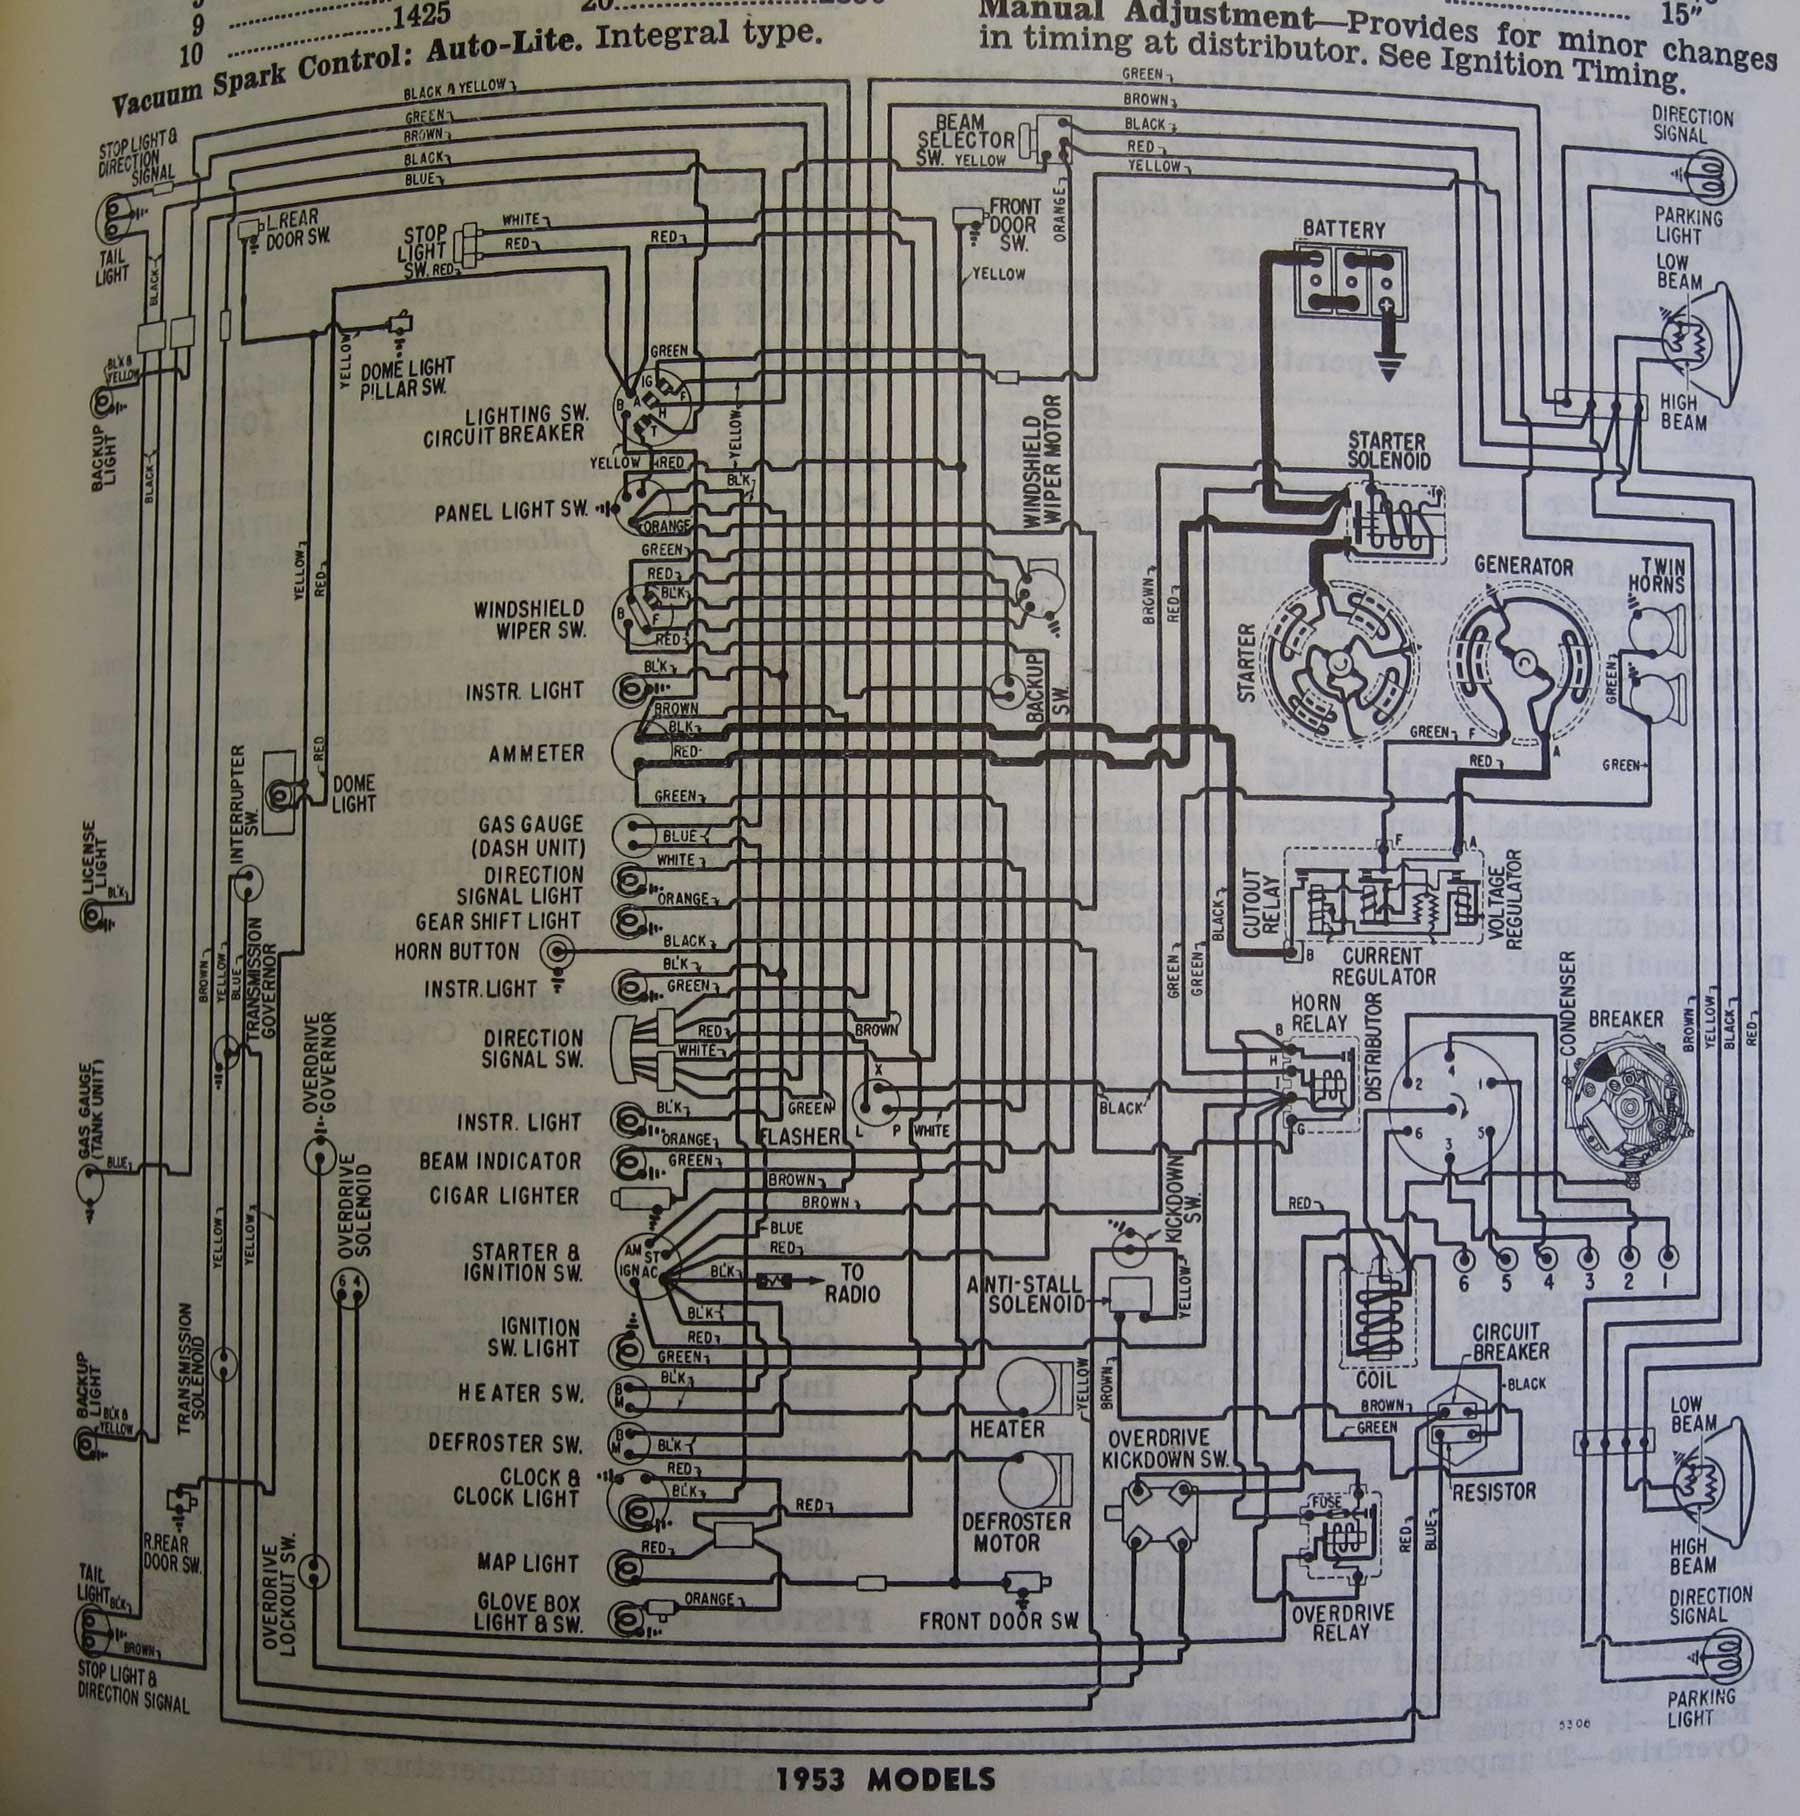 Desoto Wiring Diagram - 4 Way Switches With Multiple Lights for Wiring  Diagram SchematicsWiring Diagram Schematics